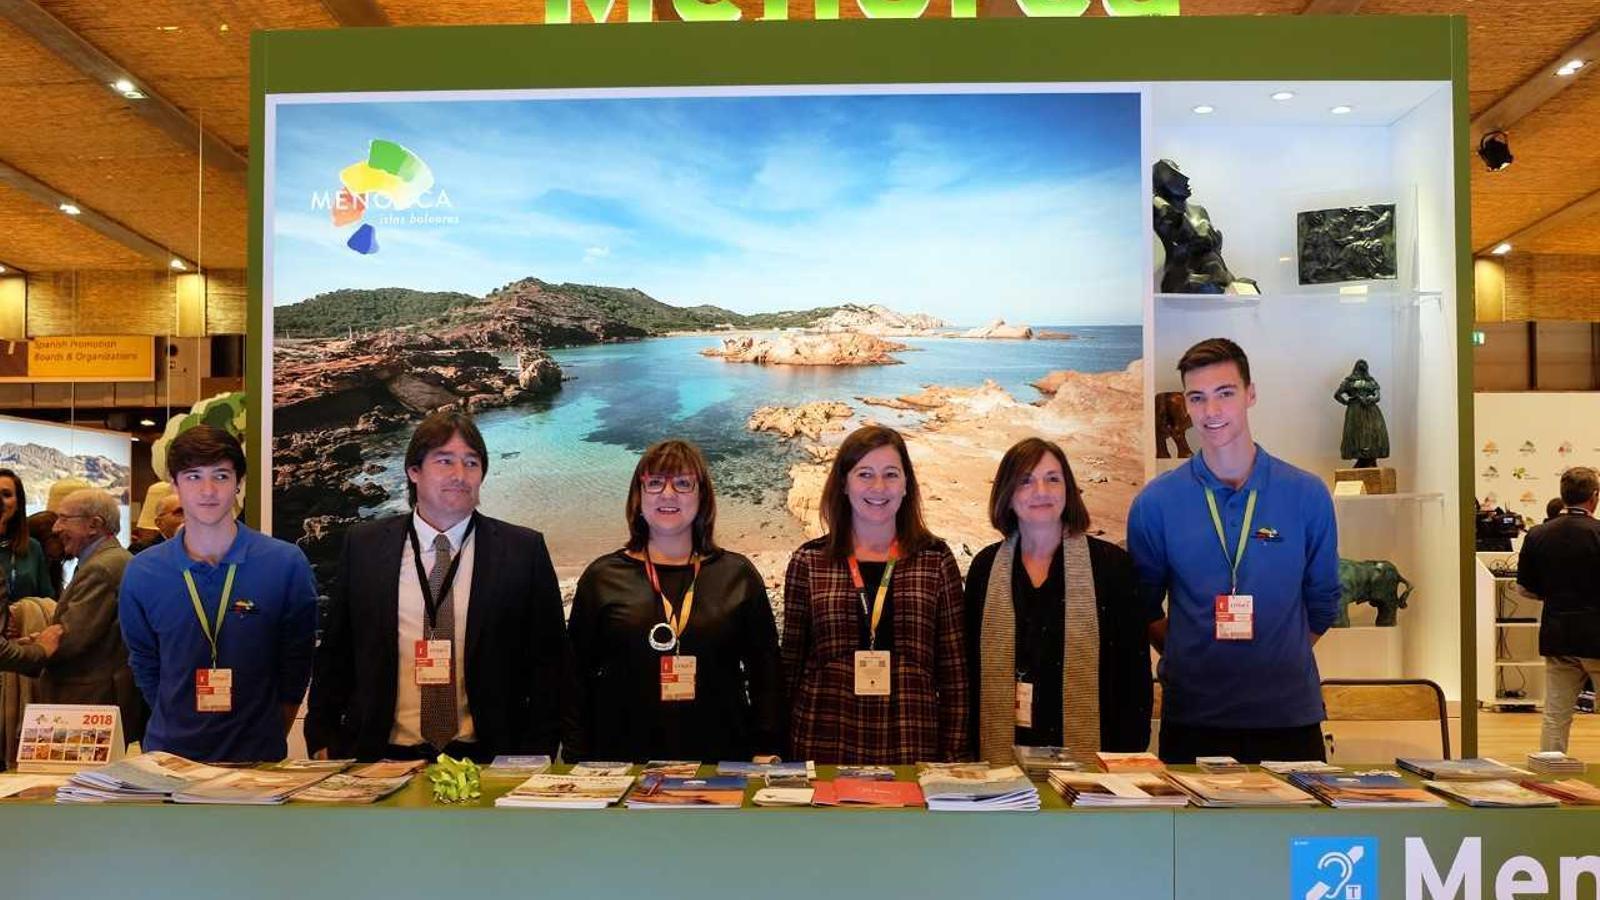 La delegació menorquina afronta amb il·lusió la seva participació en la Fira Internacional del Turisme que se celebra a Madrid fins al diumenge.